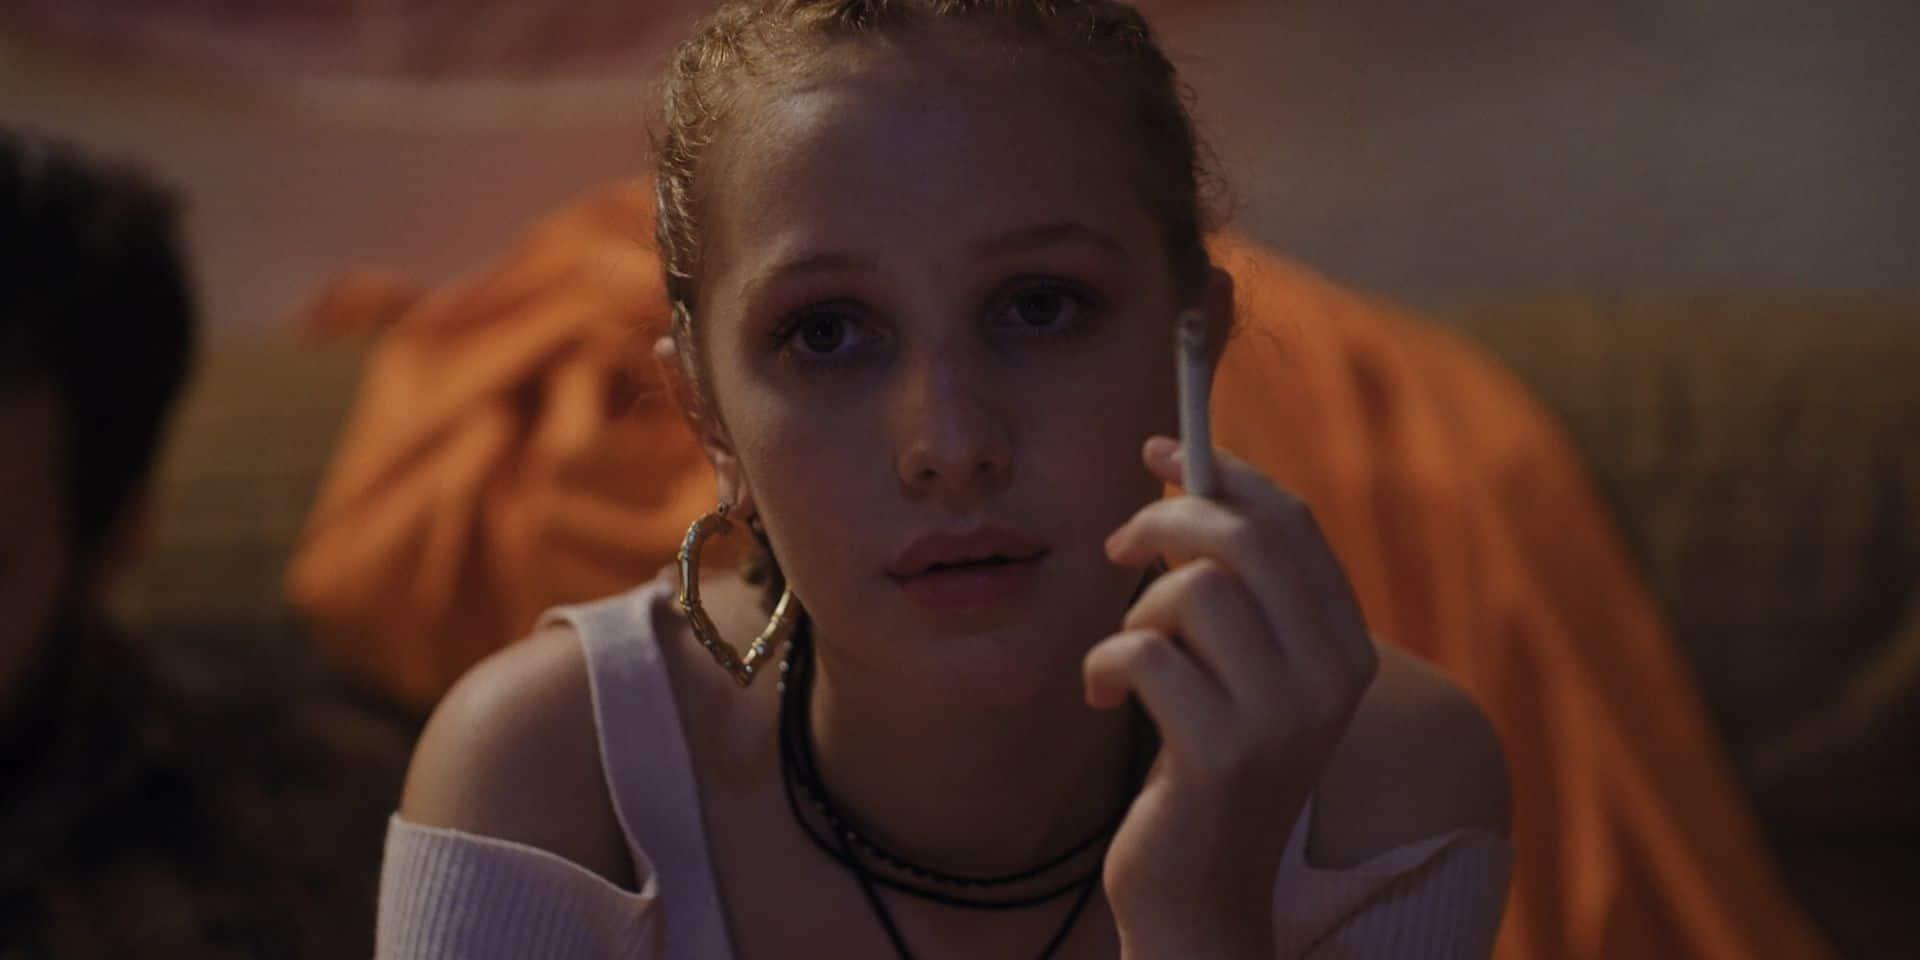 Bérangère McNeese, un espoir belge aux Oscar et aux César avec un court métrage fort